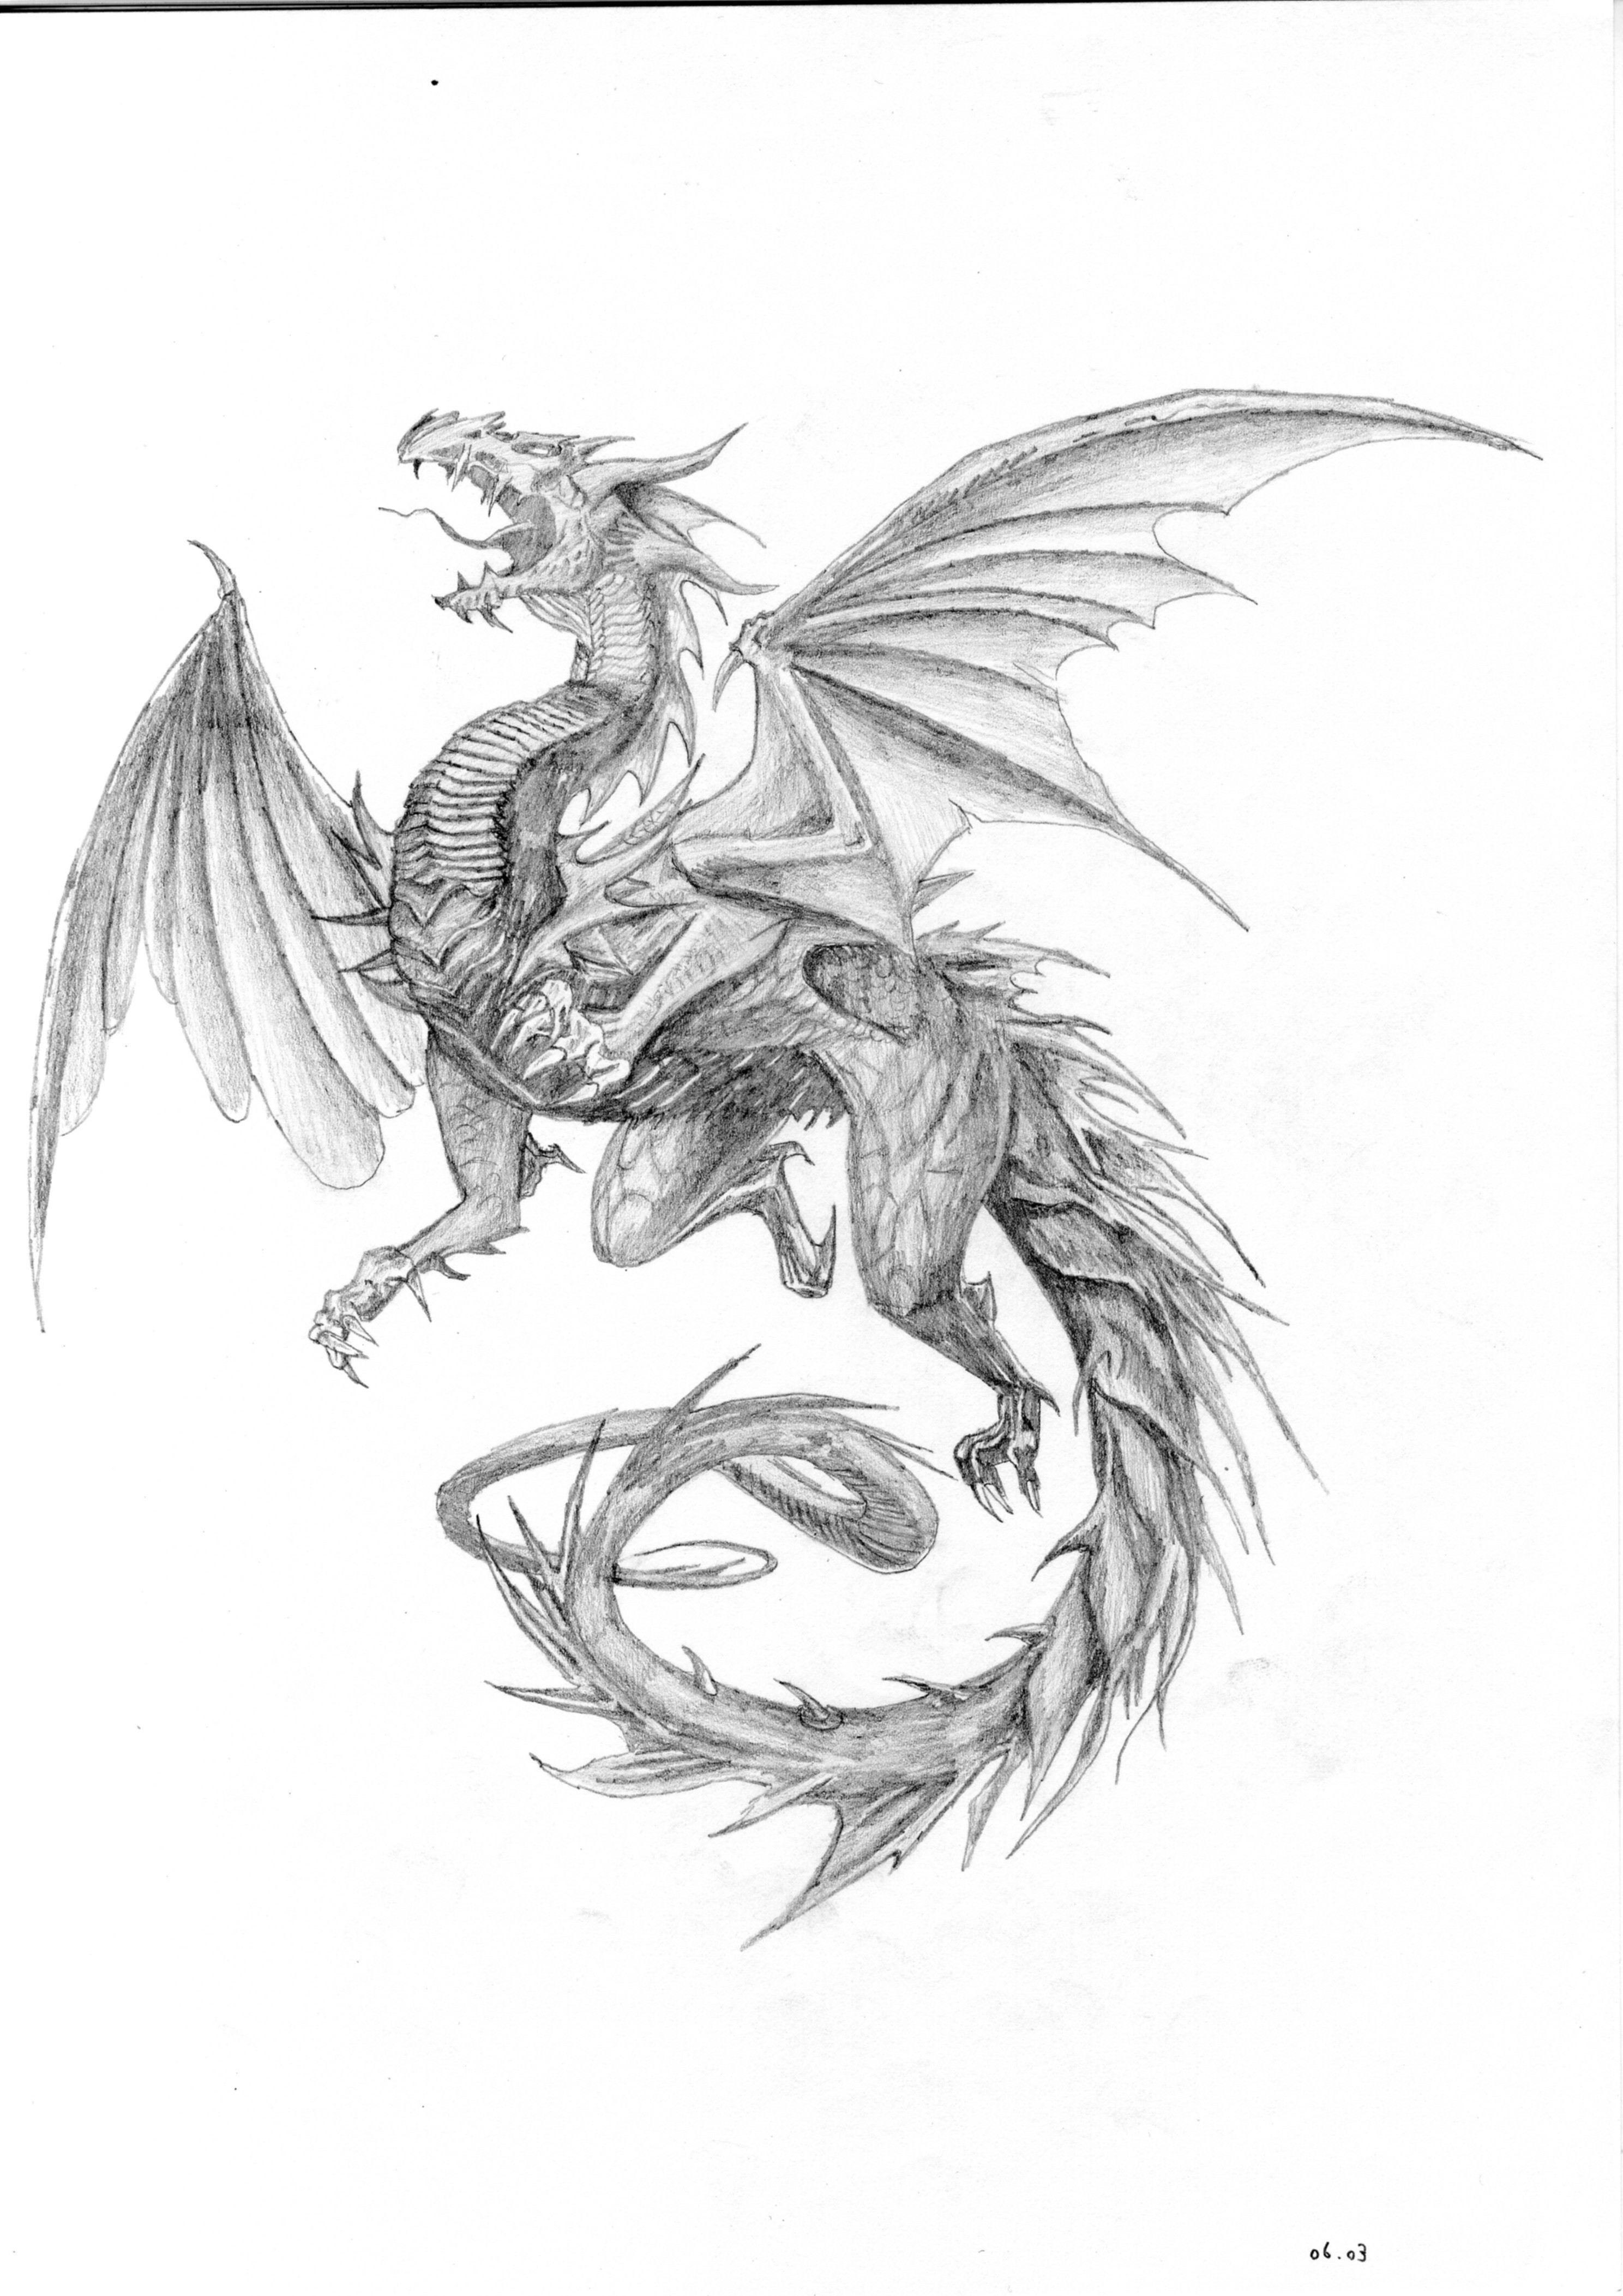 DDragon by RG571 on deviantART Dragon drawing, Dragon